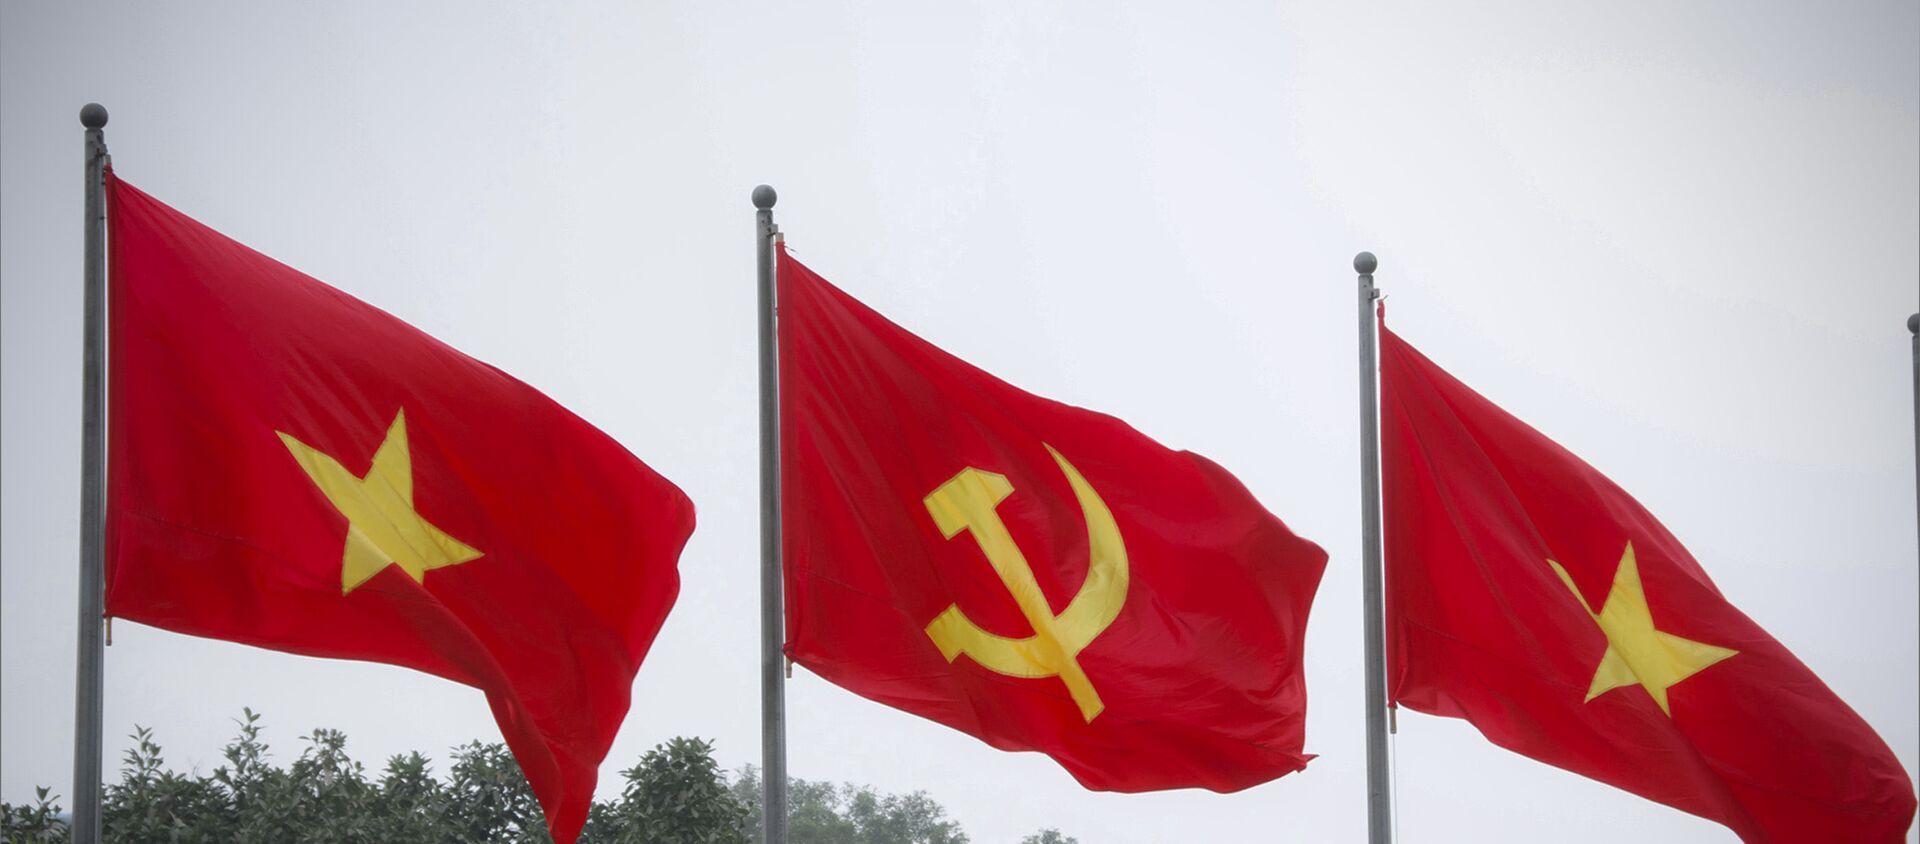 Cờ Việt Nam và Đảng Cộng sản - Sputnik Việt Nam, 1920, 21.01.2021